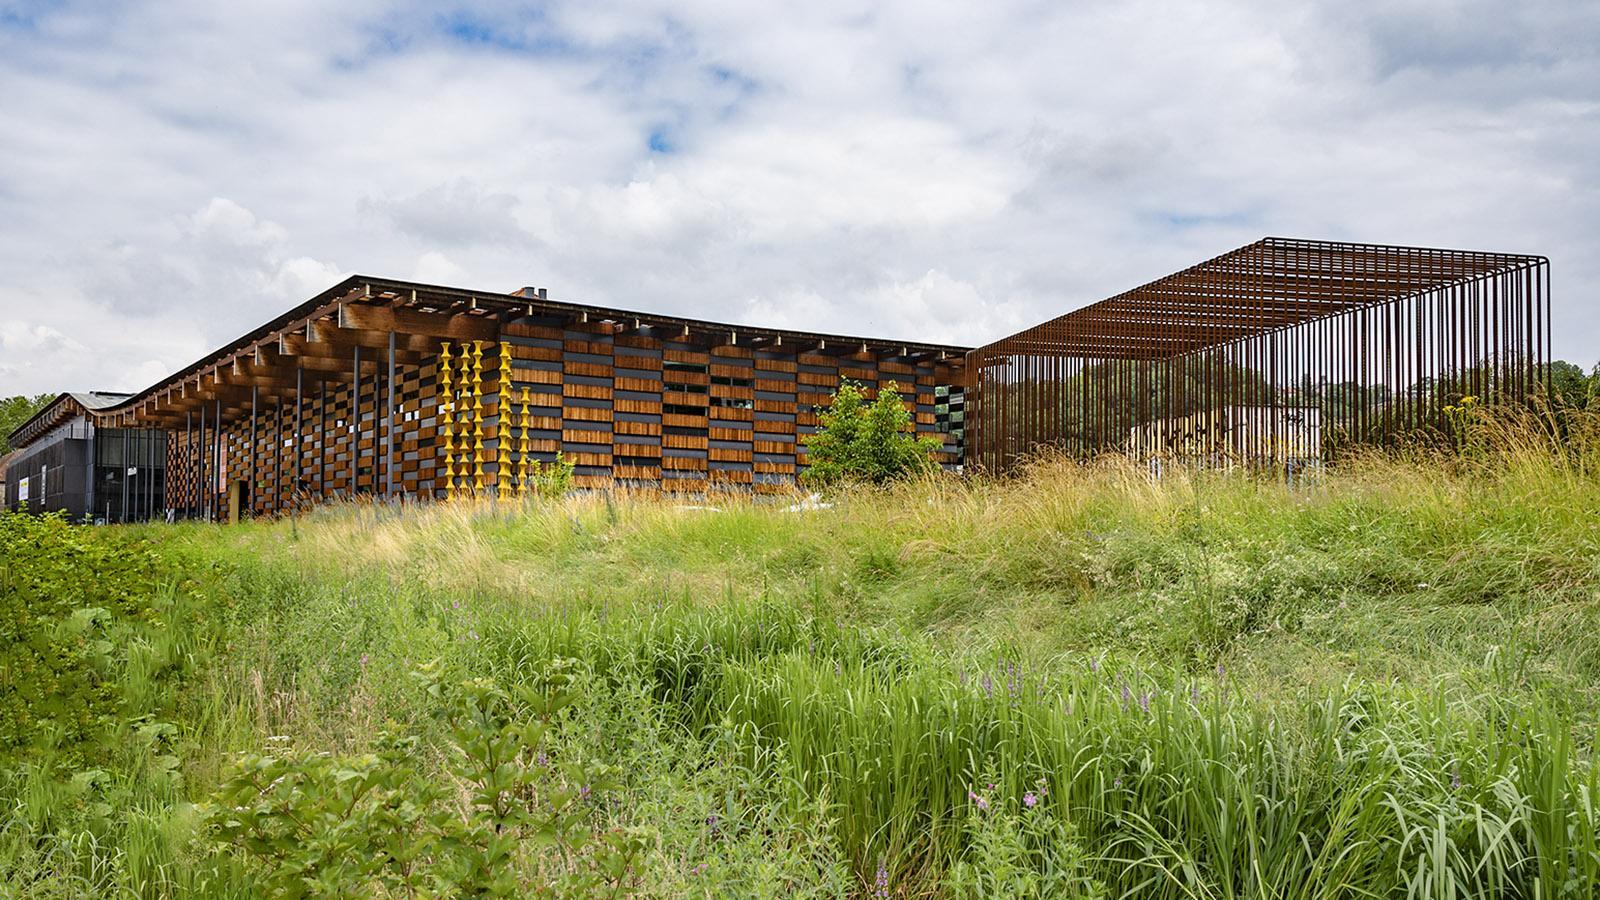 Eingebettet in urbanes Grün: Auch die Landschaftsgestaltung am Bau spiegelt das Bestreben nach Nachhaltigkeit. Foto: Hilke Maunder